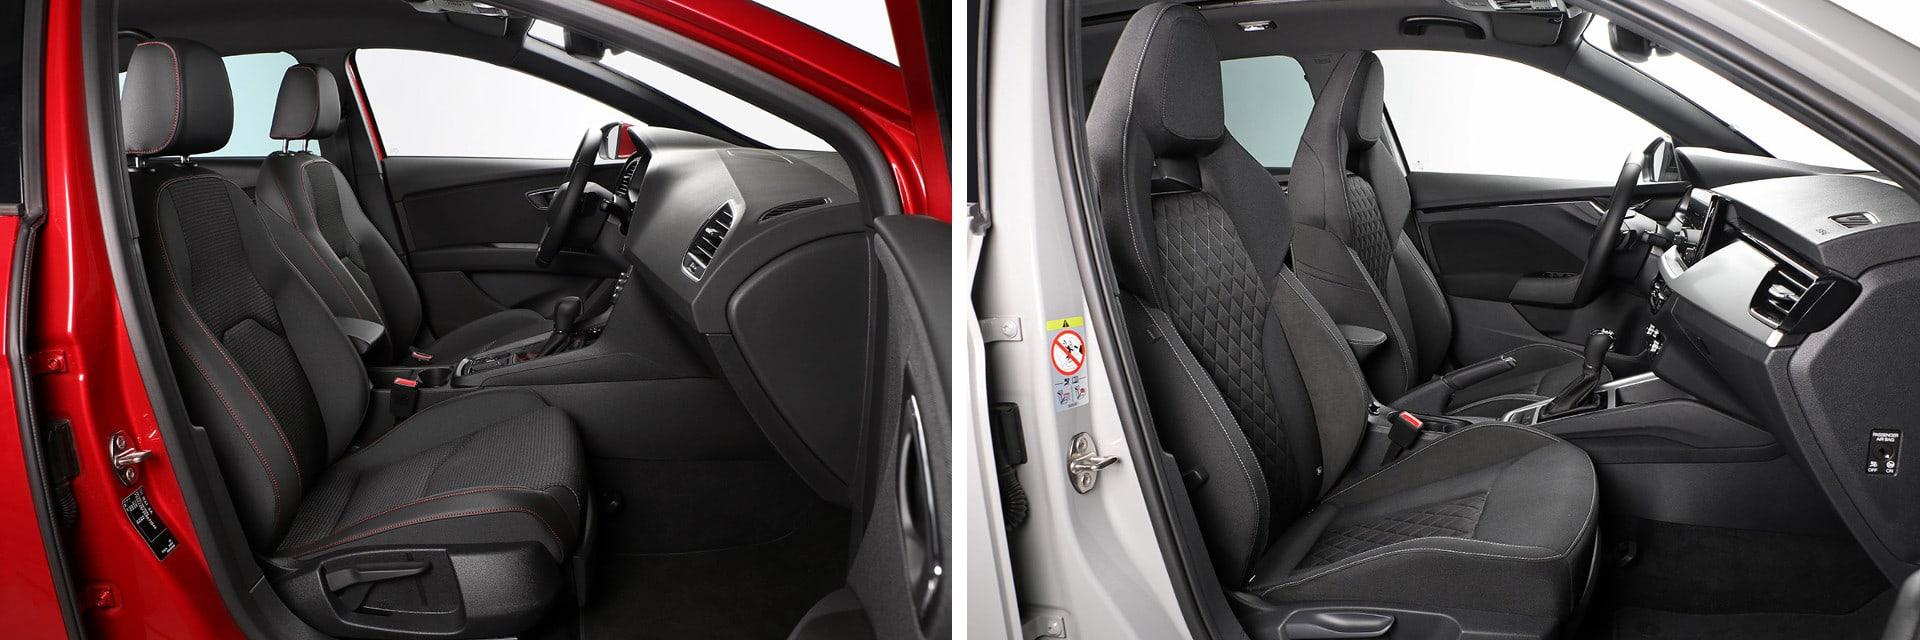 Ambos vehículos llevan asientos deportivos, que son confortables y sujetan muy bien el cuerpo.